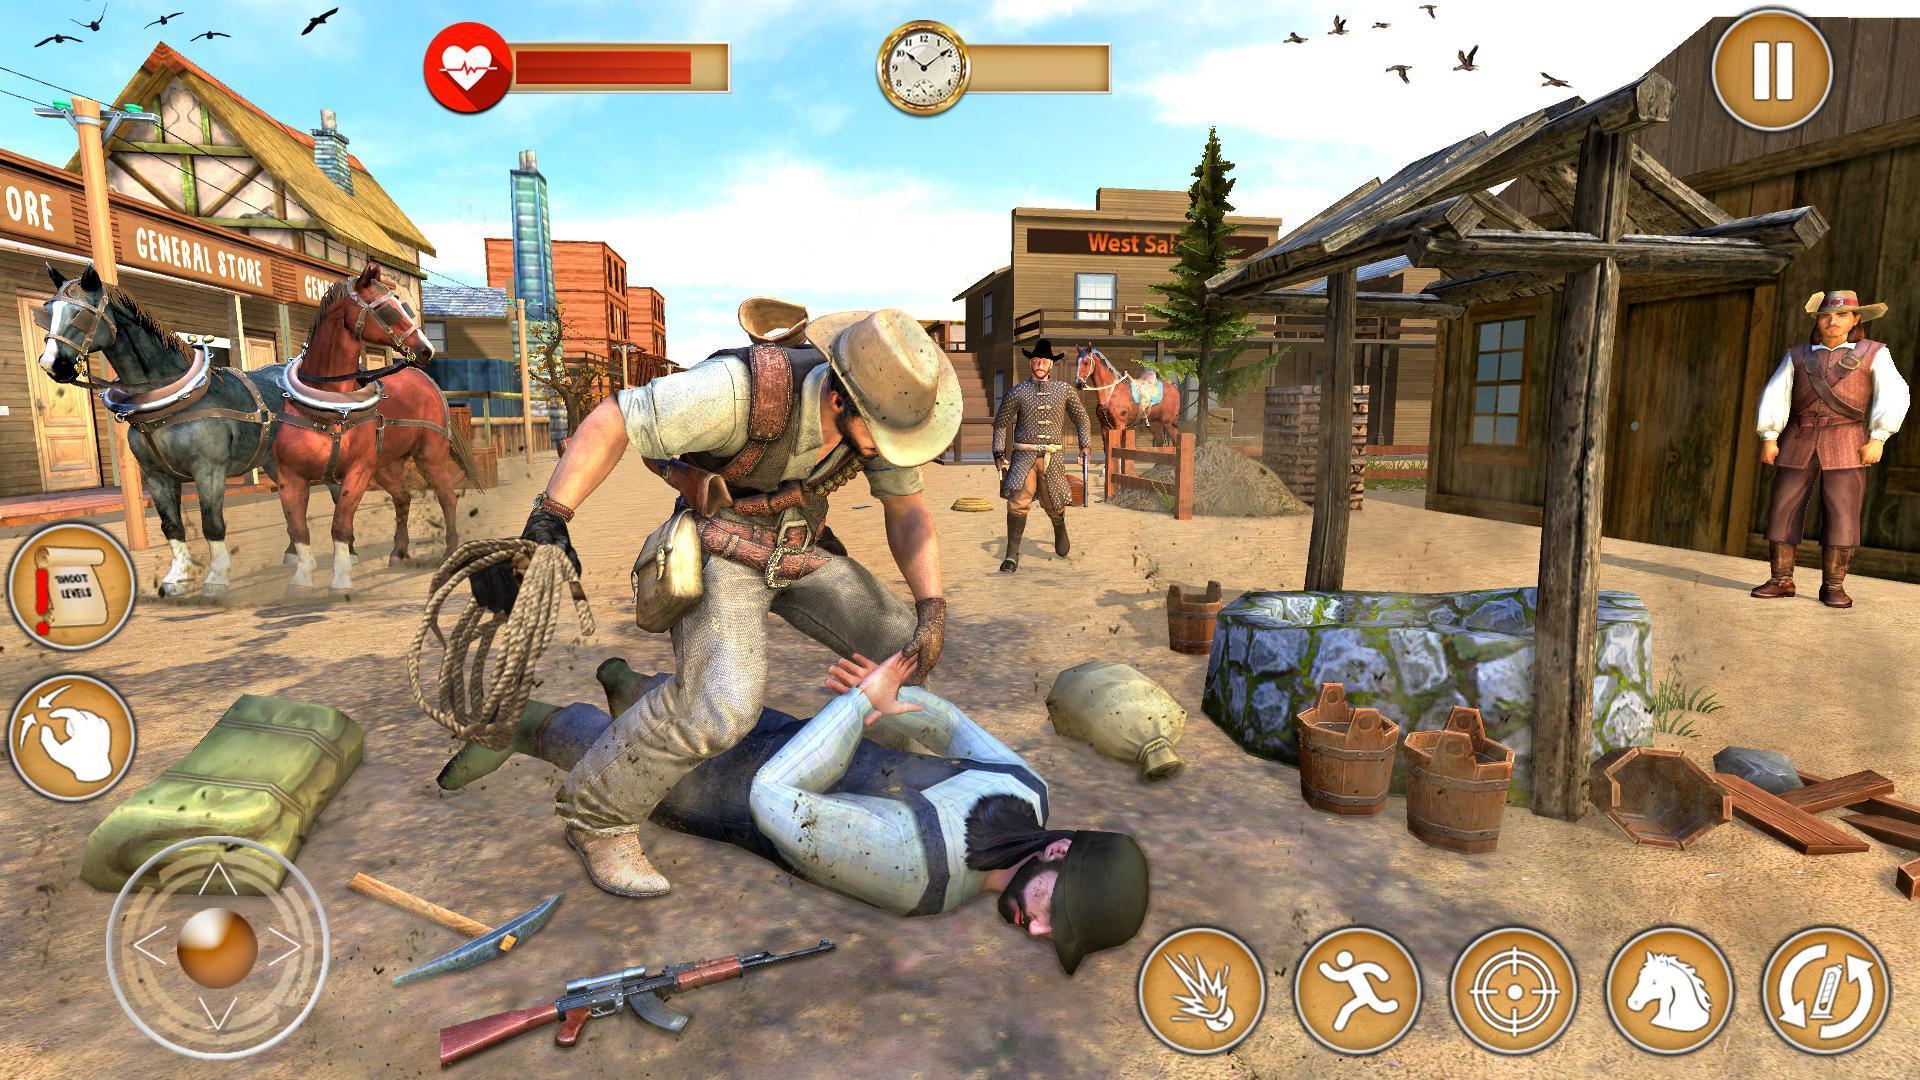 Western Cowboy Gun Shooting Fighter Open World 1.0.6 Screenshot 9